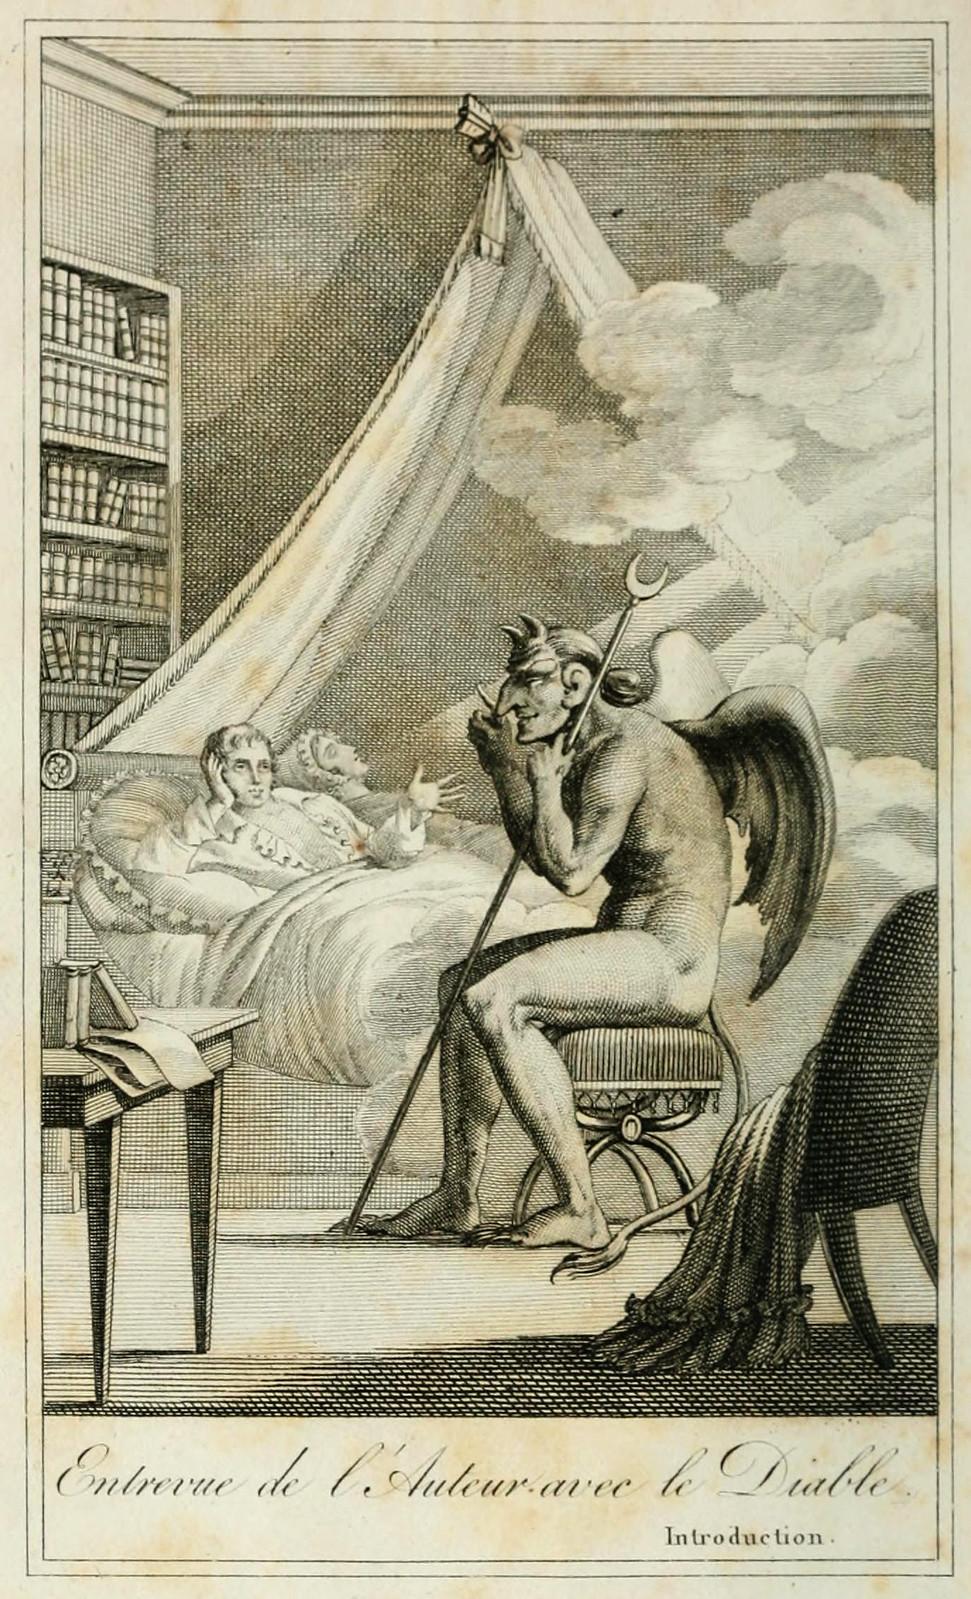 Collin de plancy y el diablo